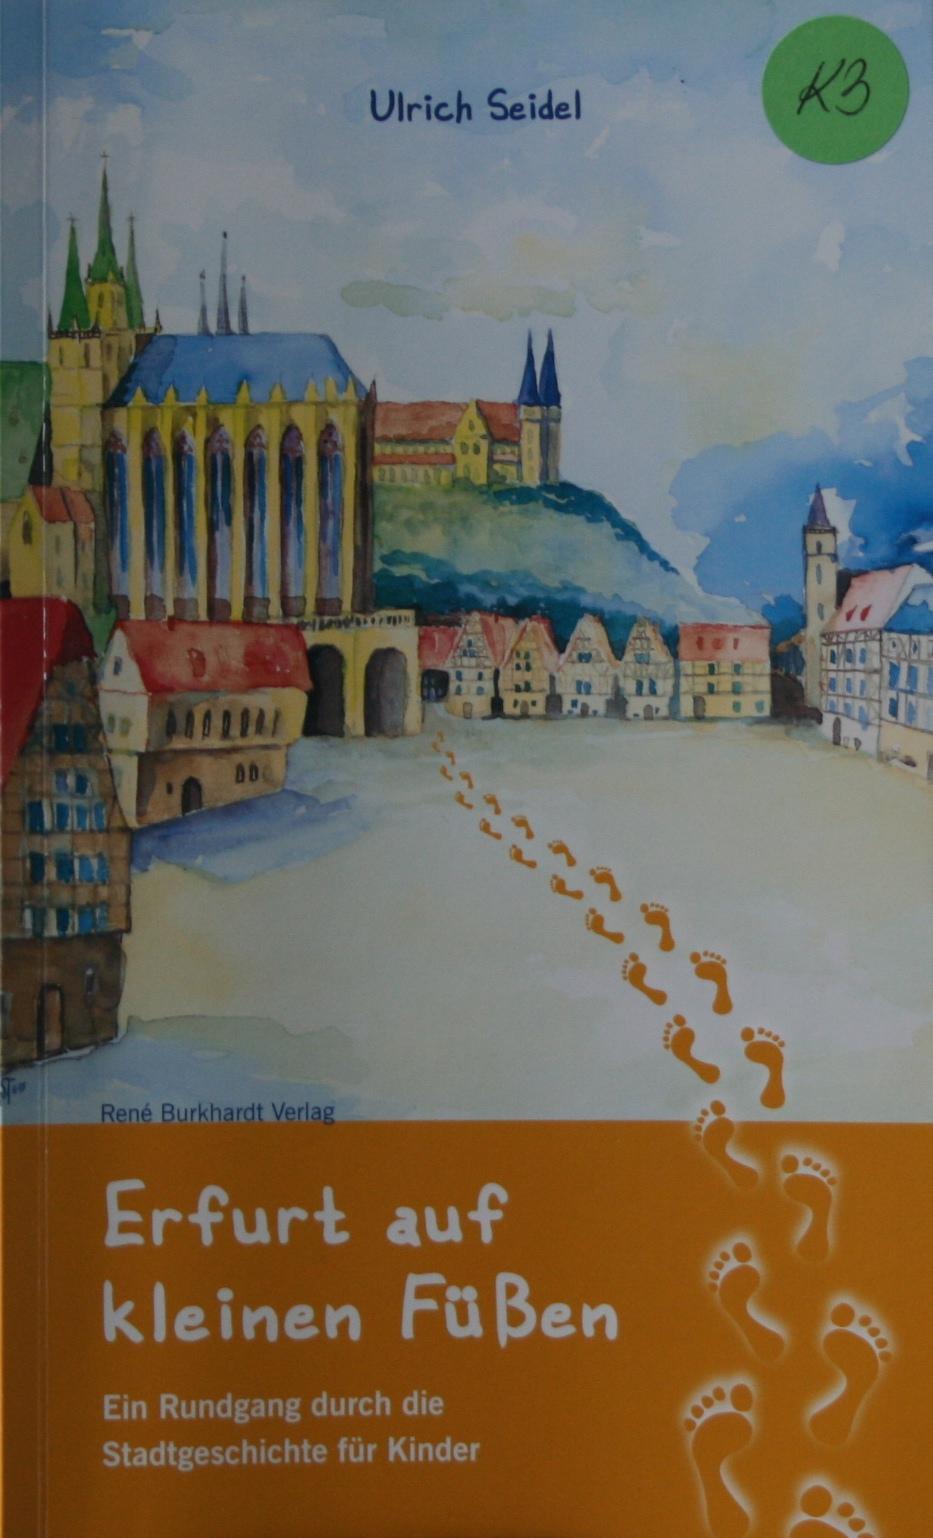 Die Stiftung Kinderplanet sucht den besten Kinderstadtführer über Erfurt